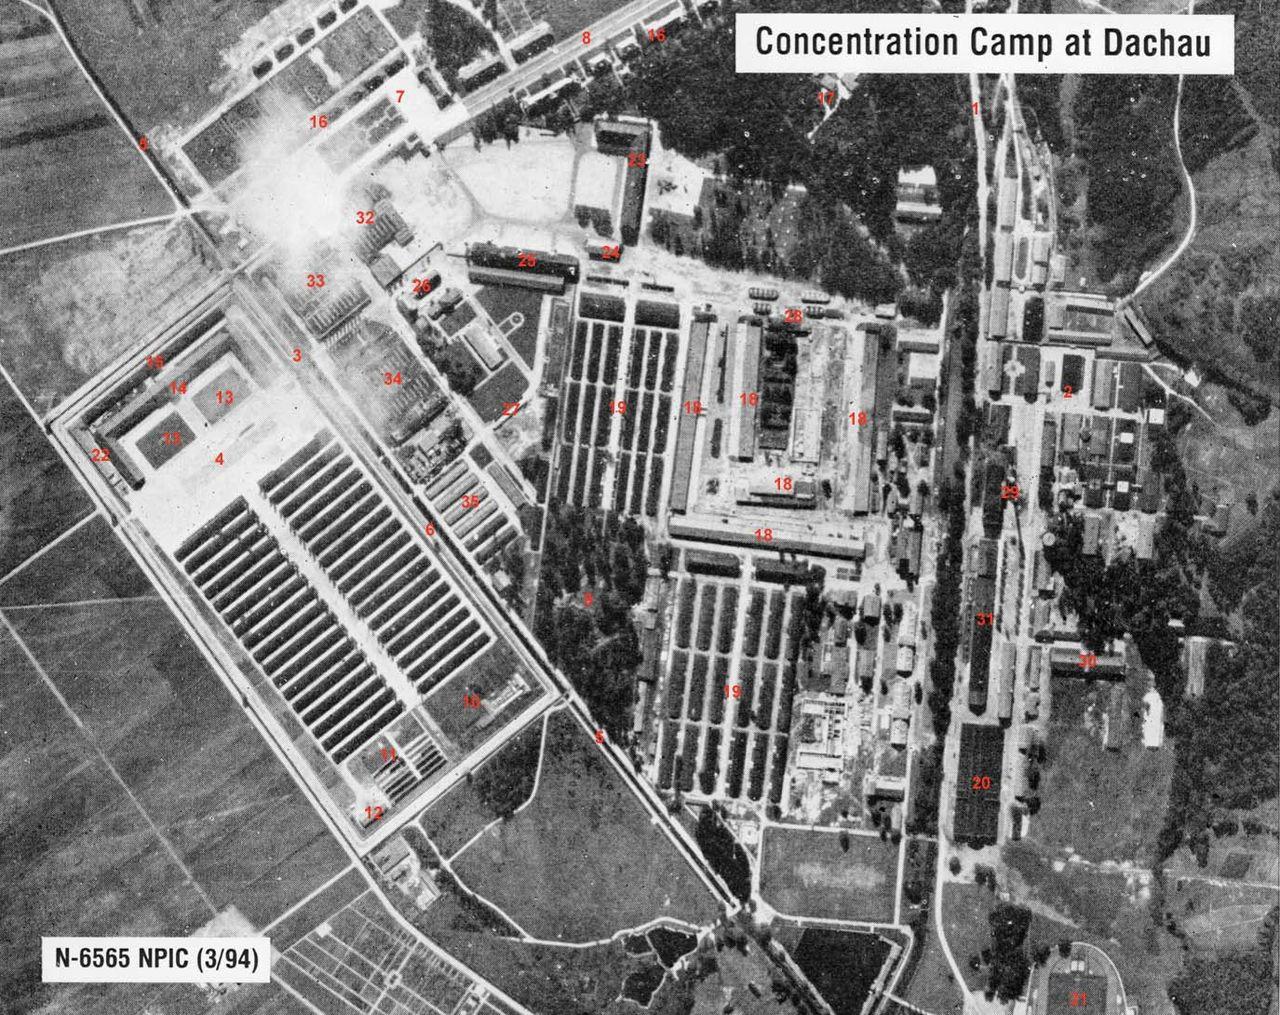 1280px-Concentration_camp_dachau_aerial_view.jpg